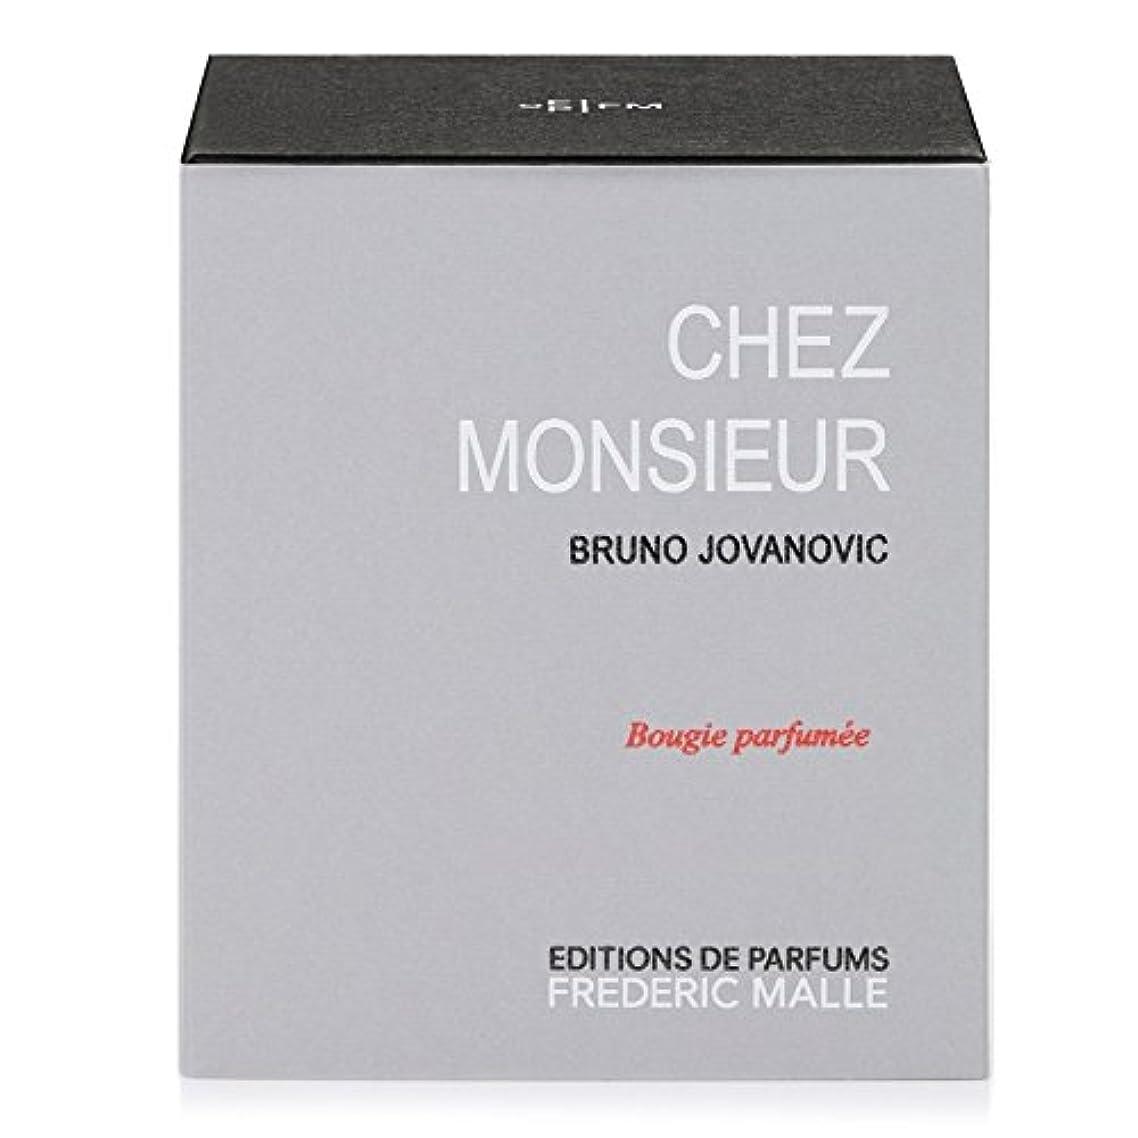 サンプル噛む反対にFrederic Malle Chez Monsieur Scented Candle 220g (Pack of 2) - フレデリック?マルシェムッシュ香りのキャンドル220グラム x2 [並行輸入品]